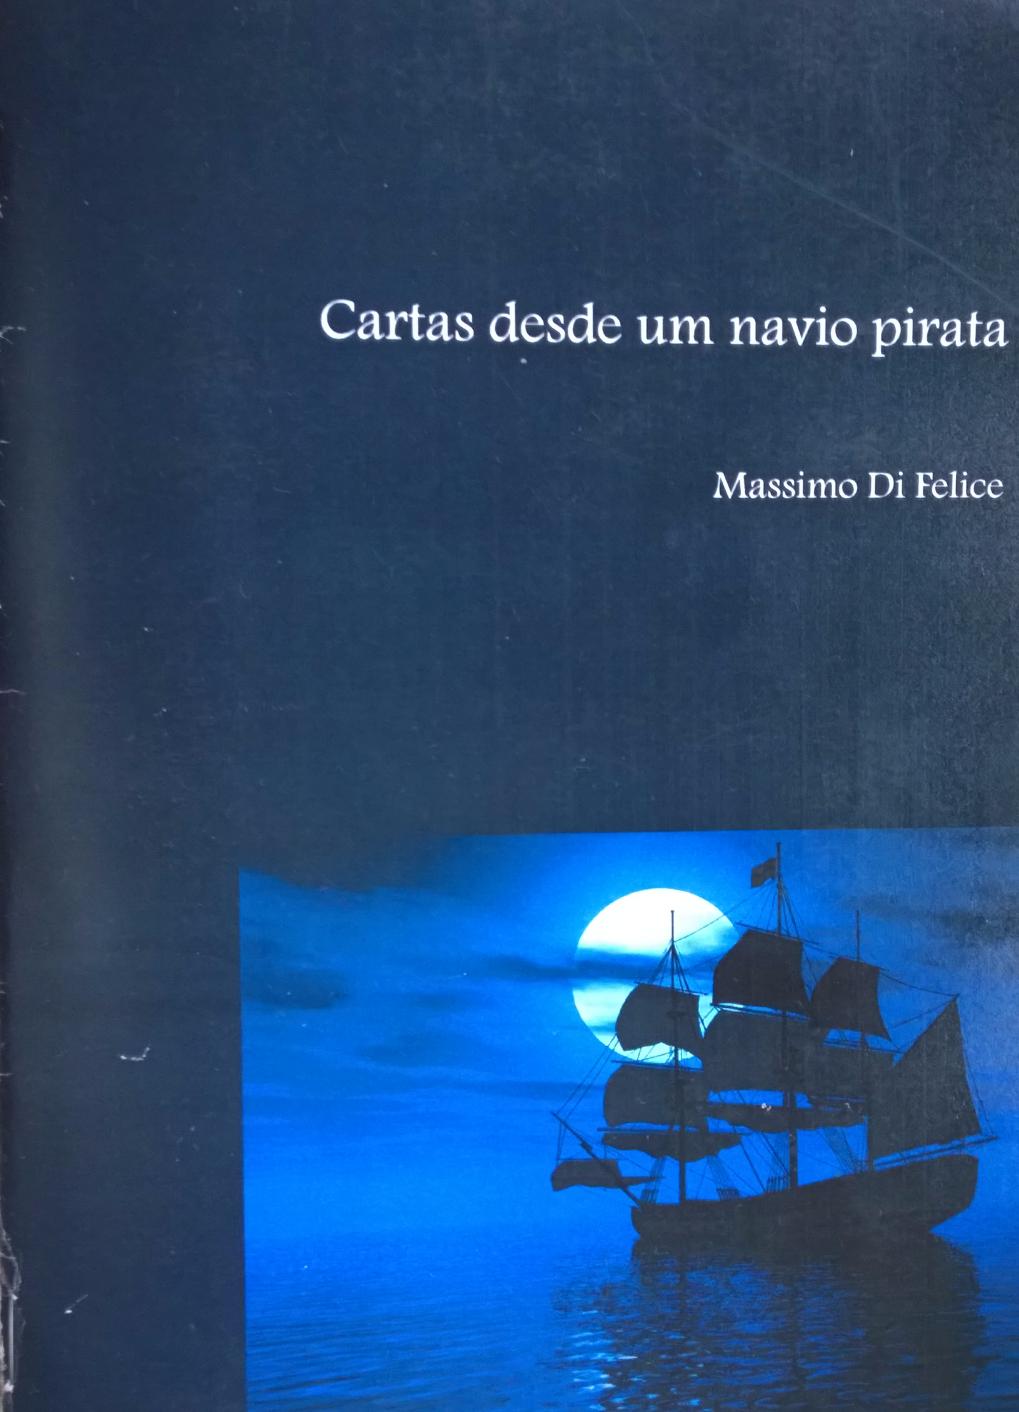 Cartas de um navio pirata